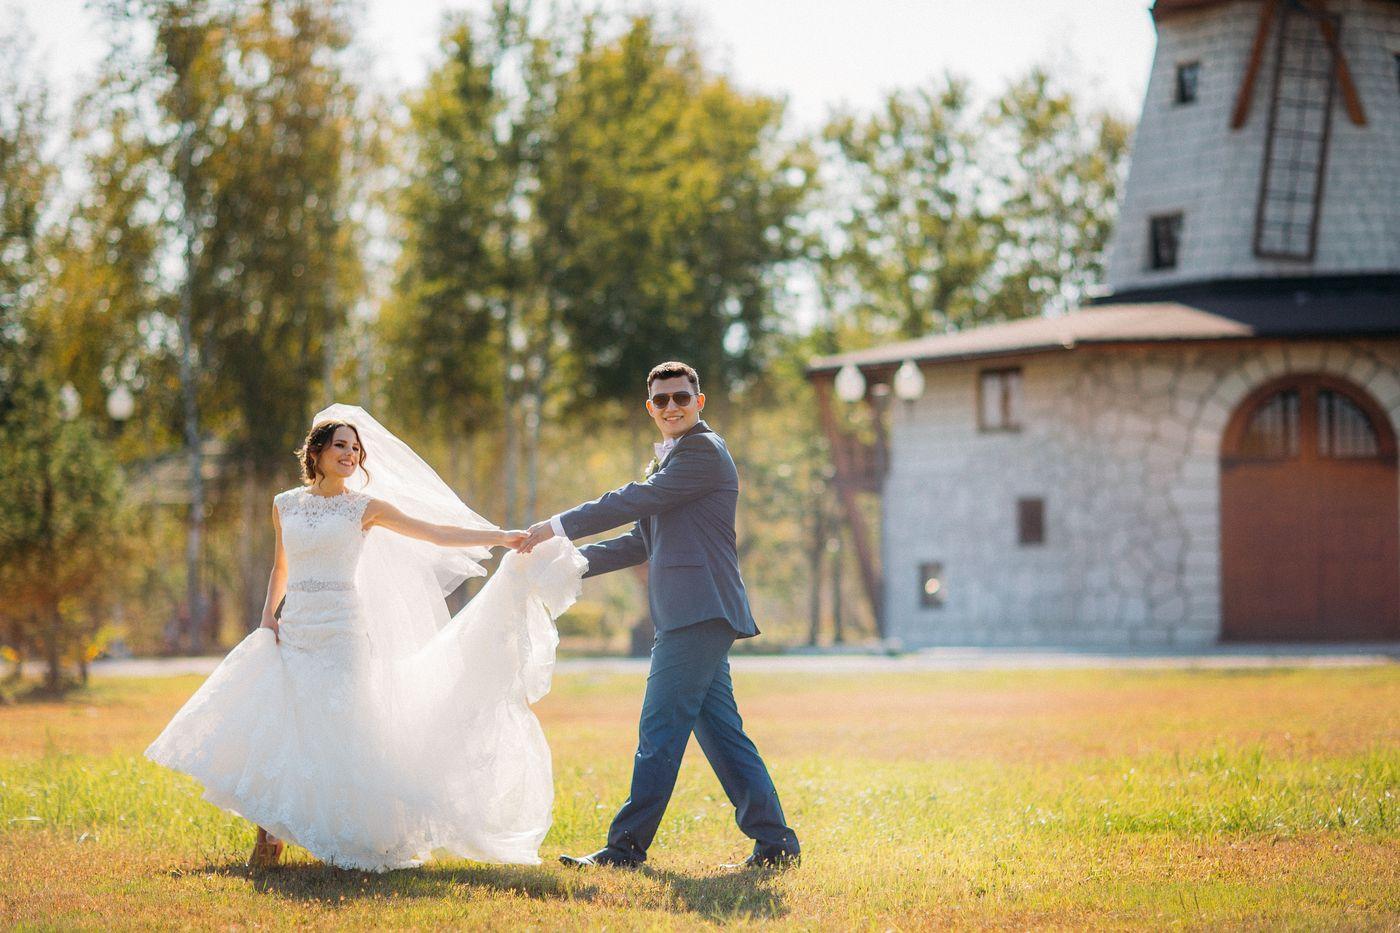 wed-2014-09-20-0162_s